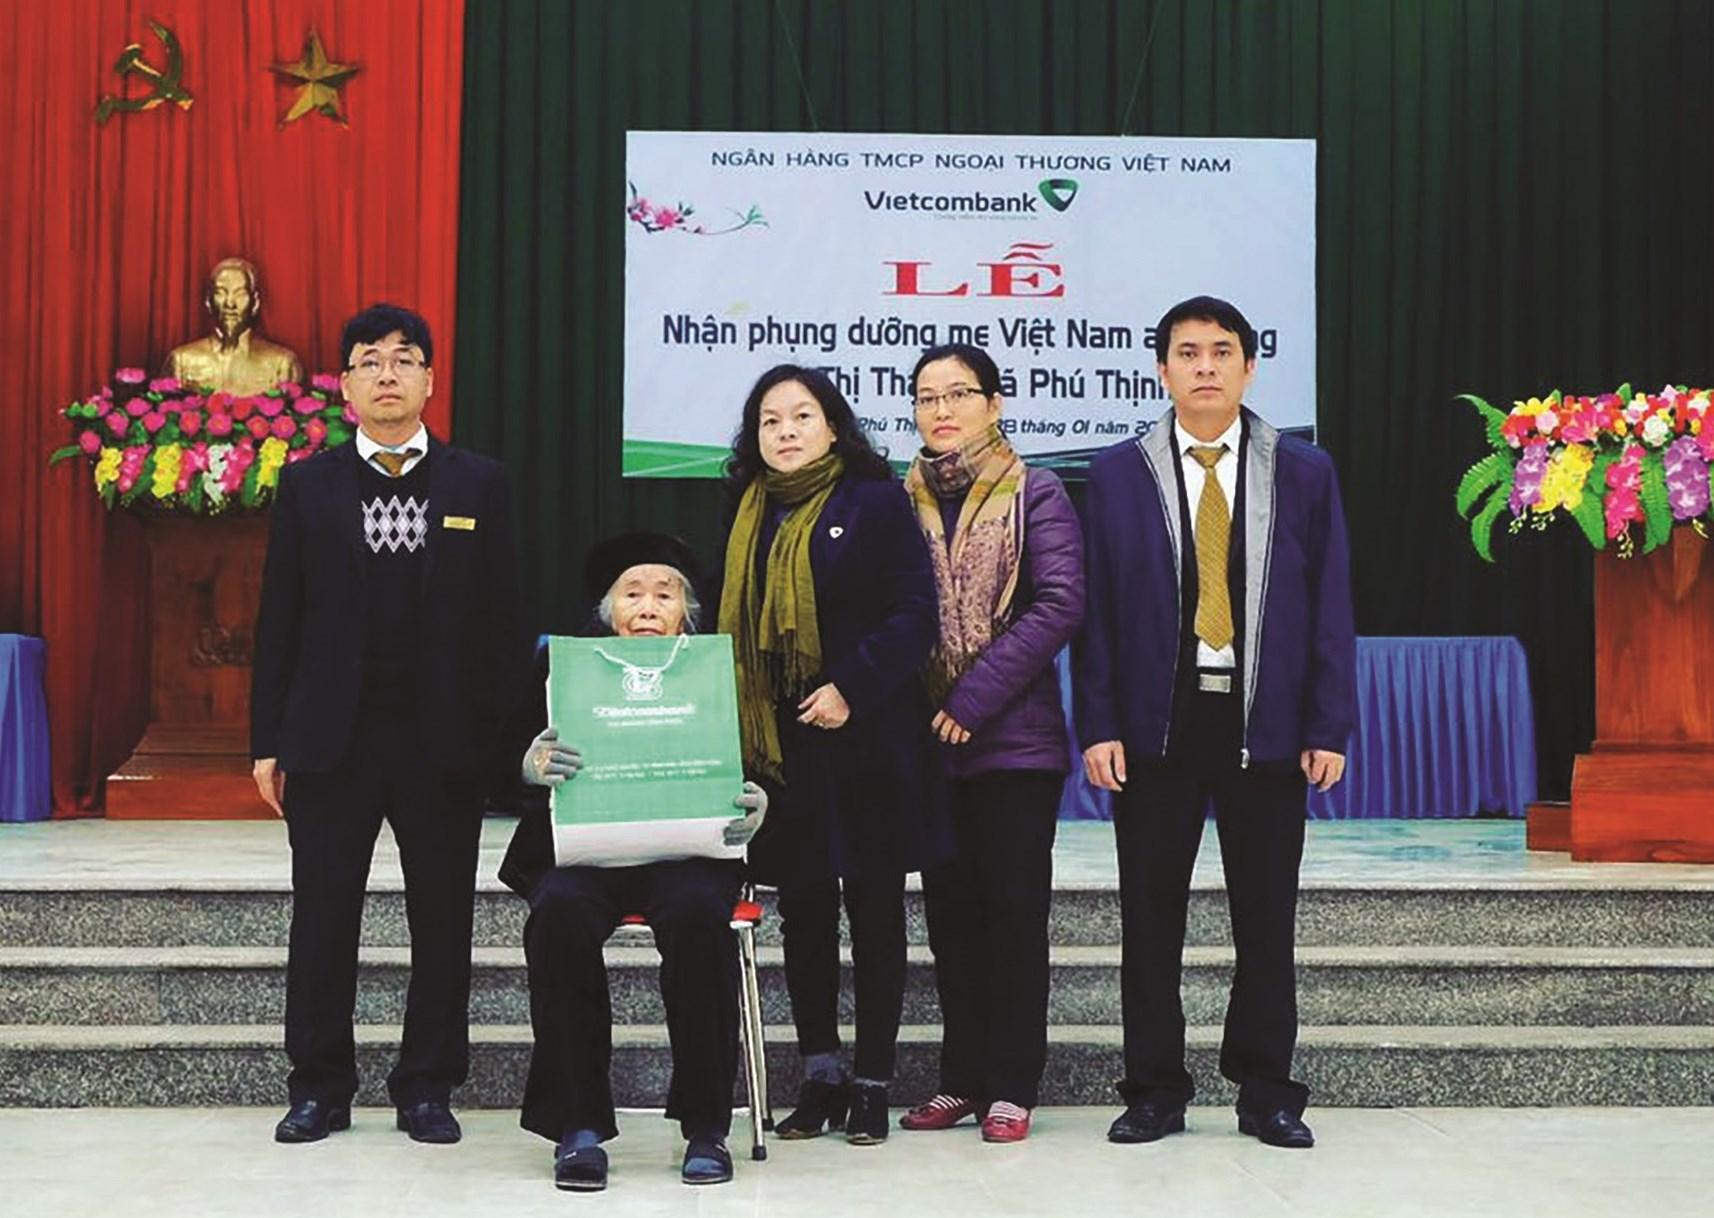 Vietcombank Vĩnh Phúc nhận phụng dưỡng Mẹ Việt Nam Anh hùng trên địa bàn tỉnh Vĩnh Phúc